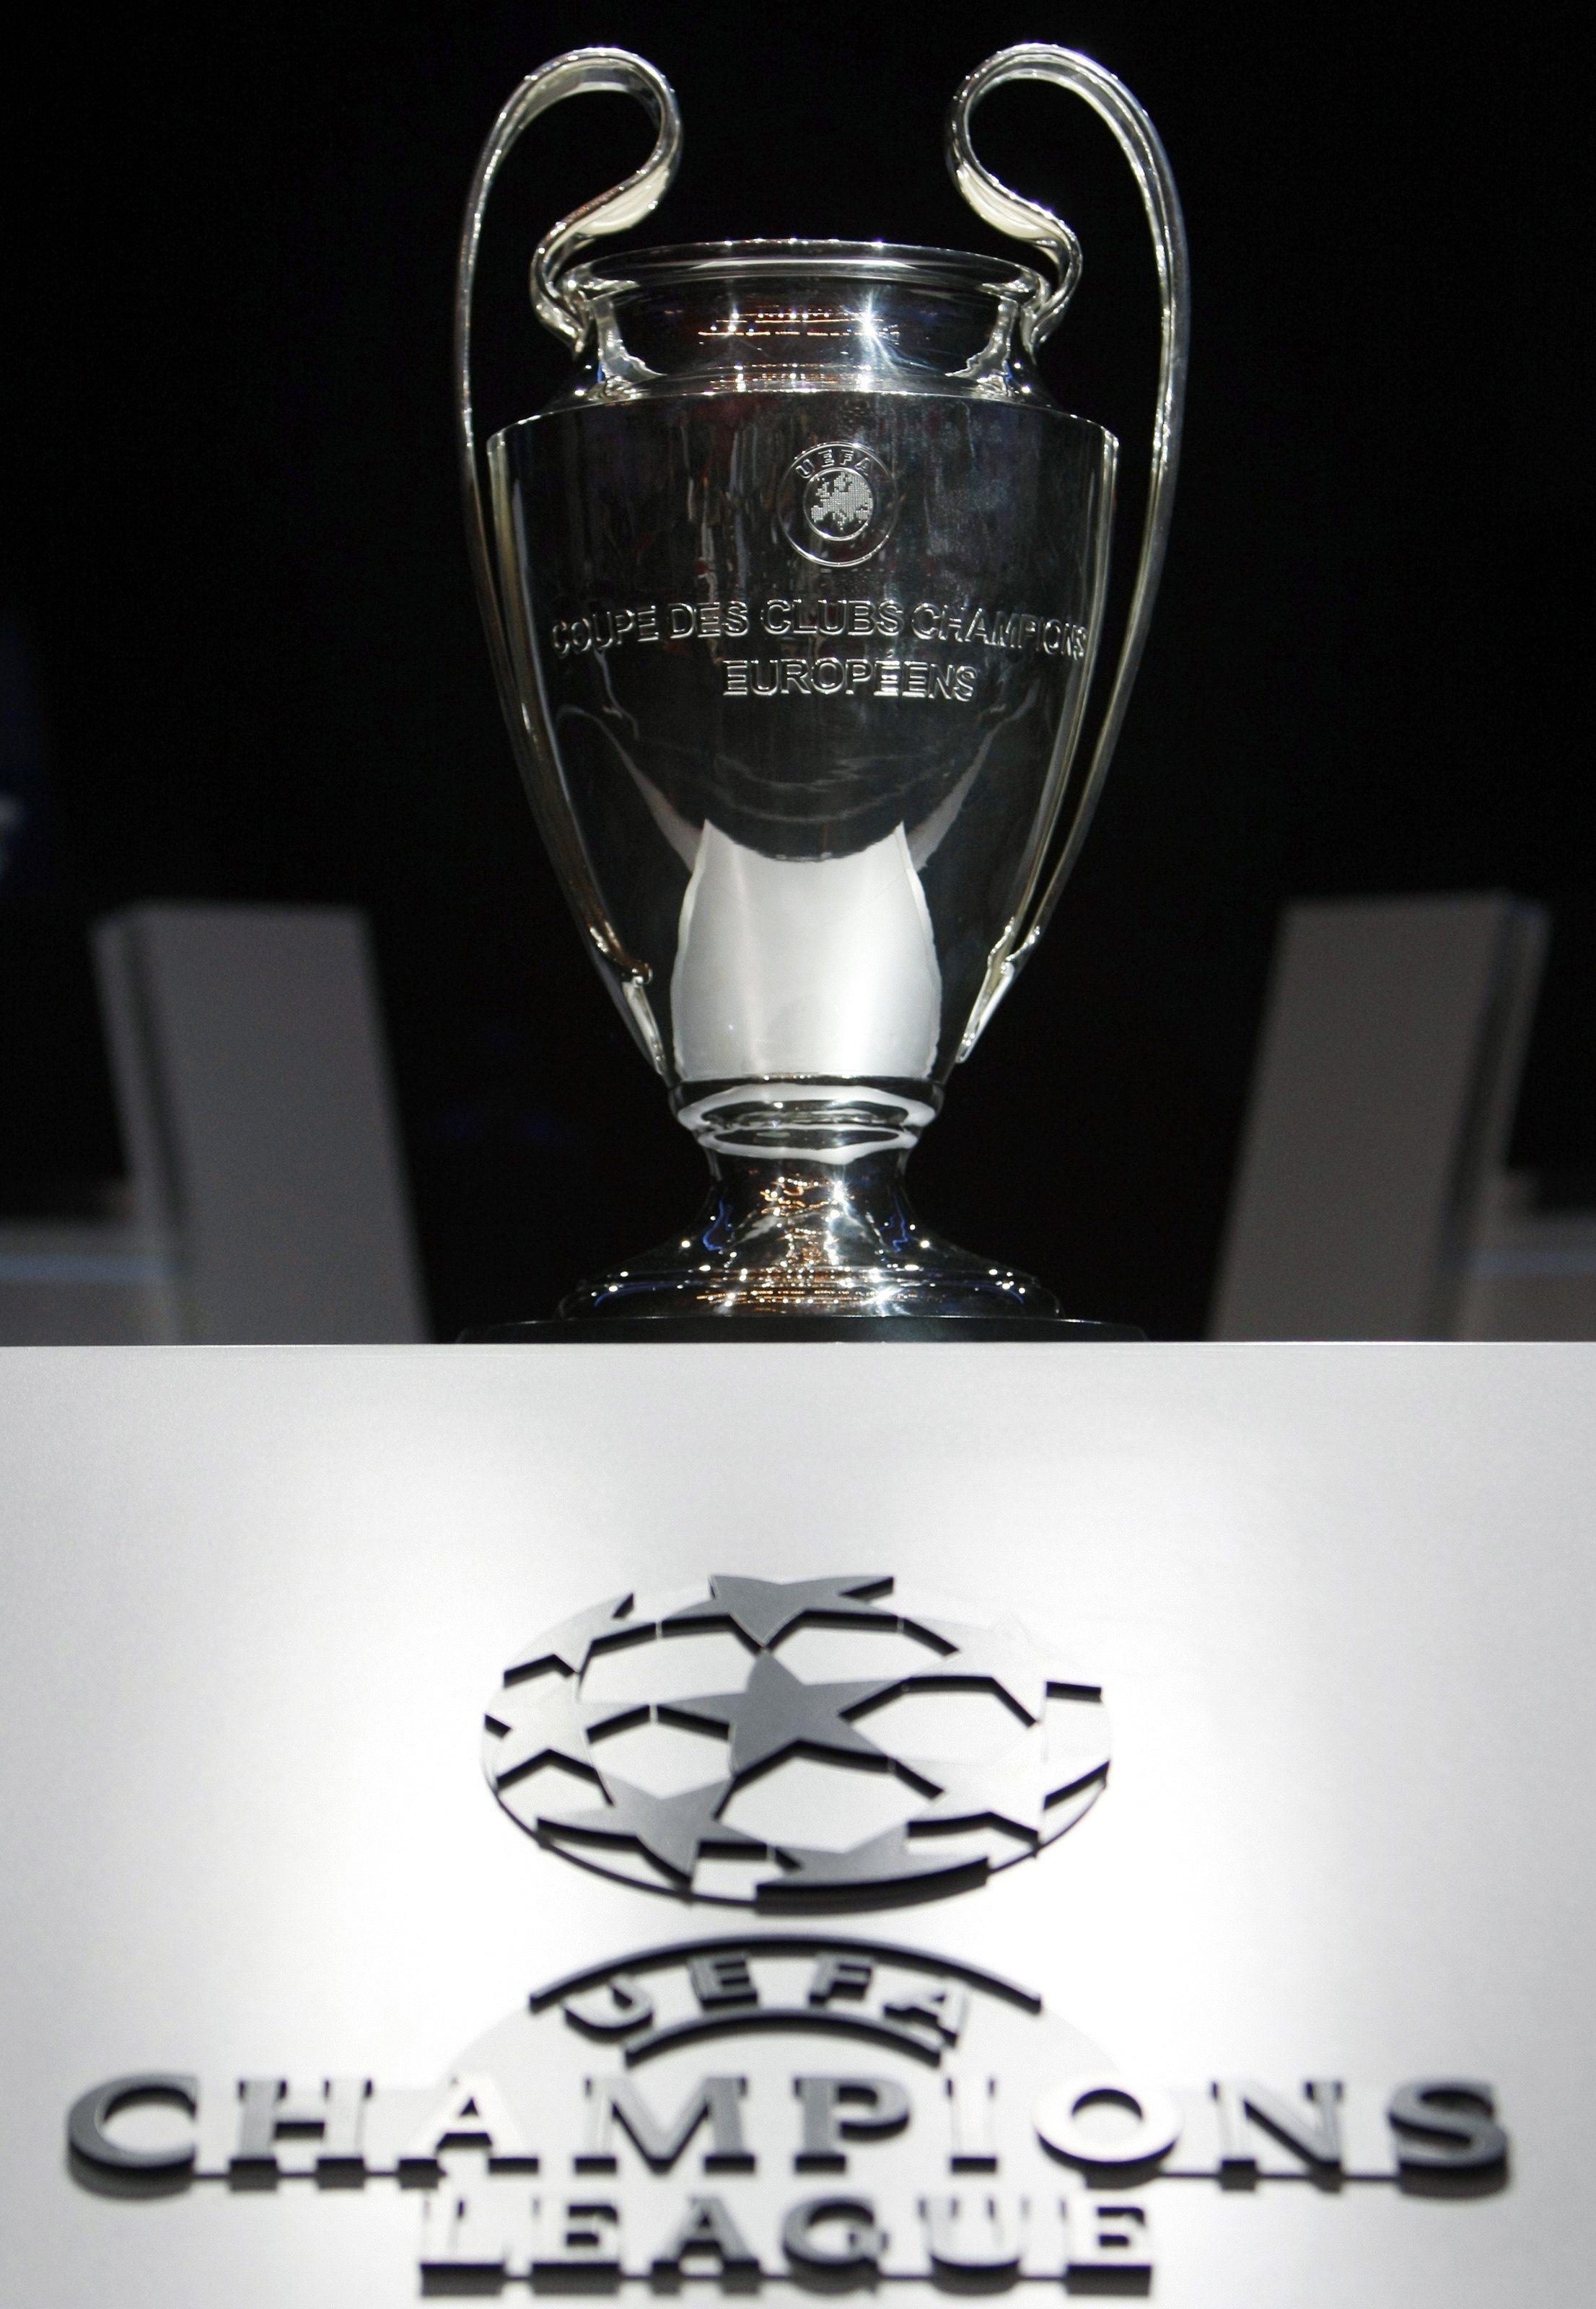 La Orejona un trofeo reservado solo para verdaderos campeones.